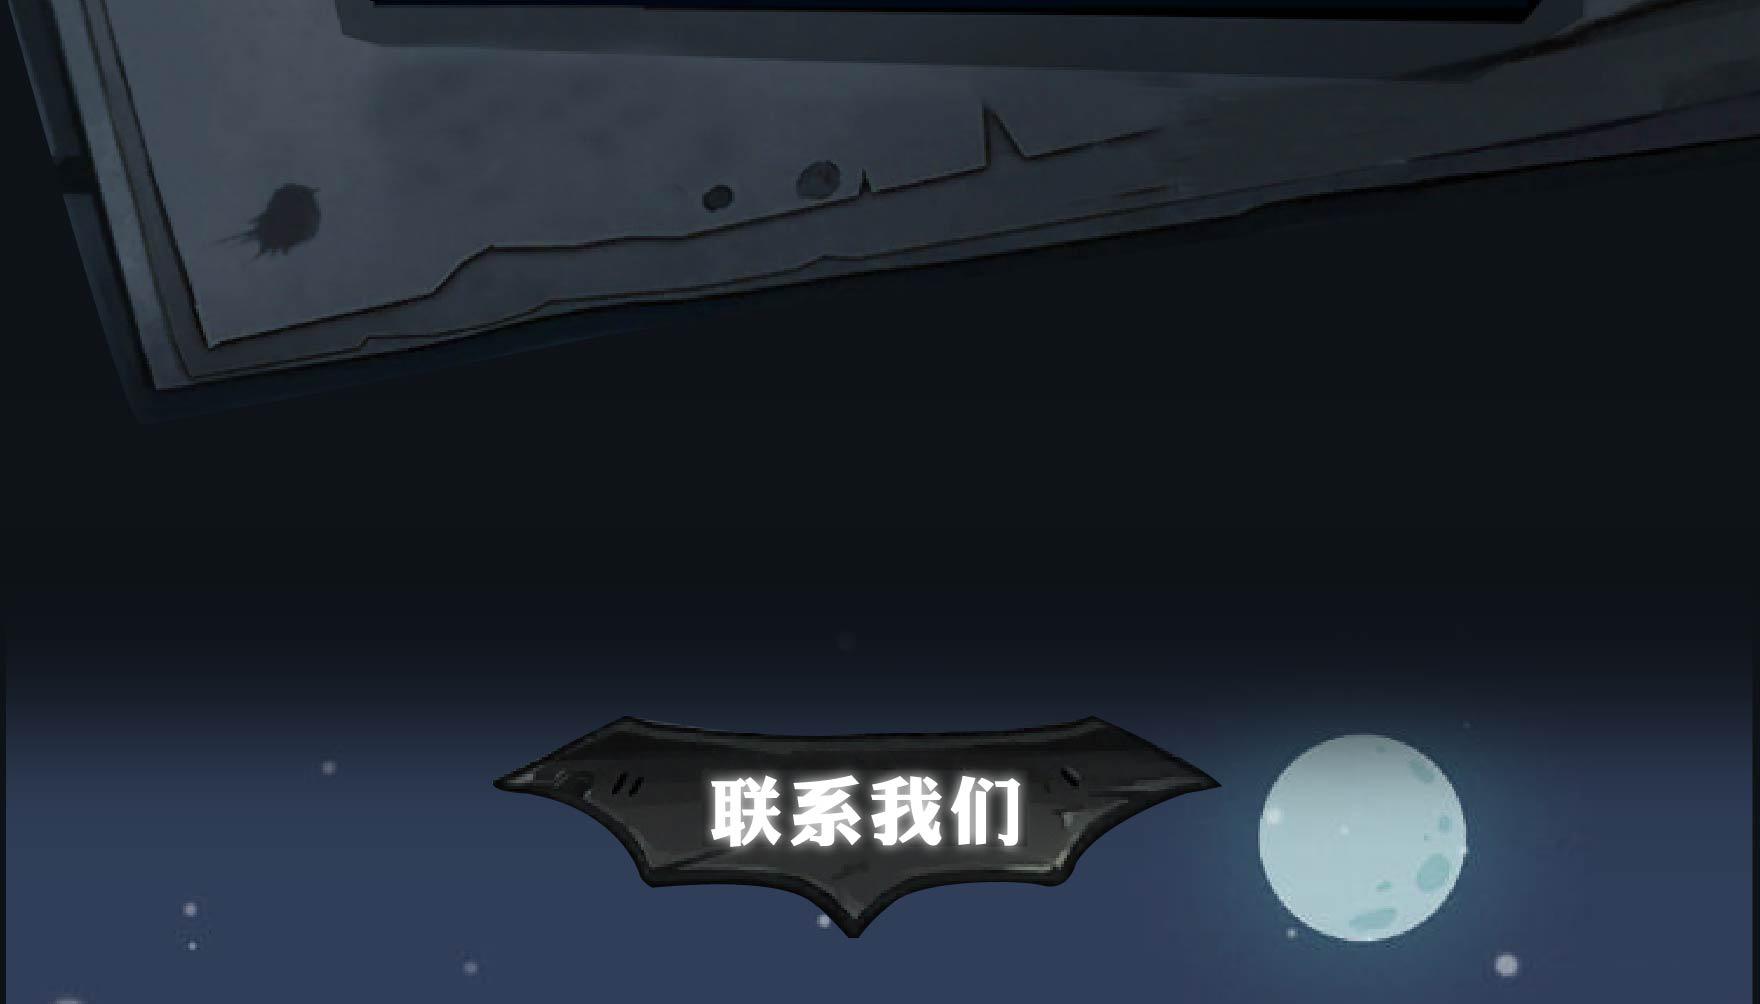 月圆之夜(3-27.jpg